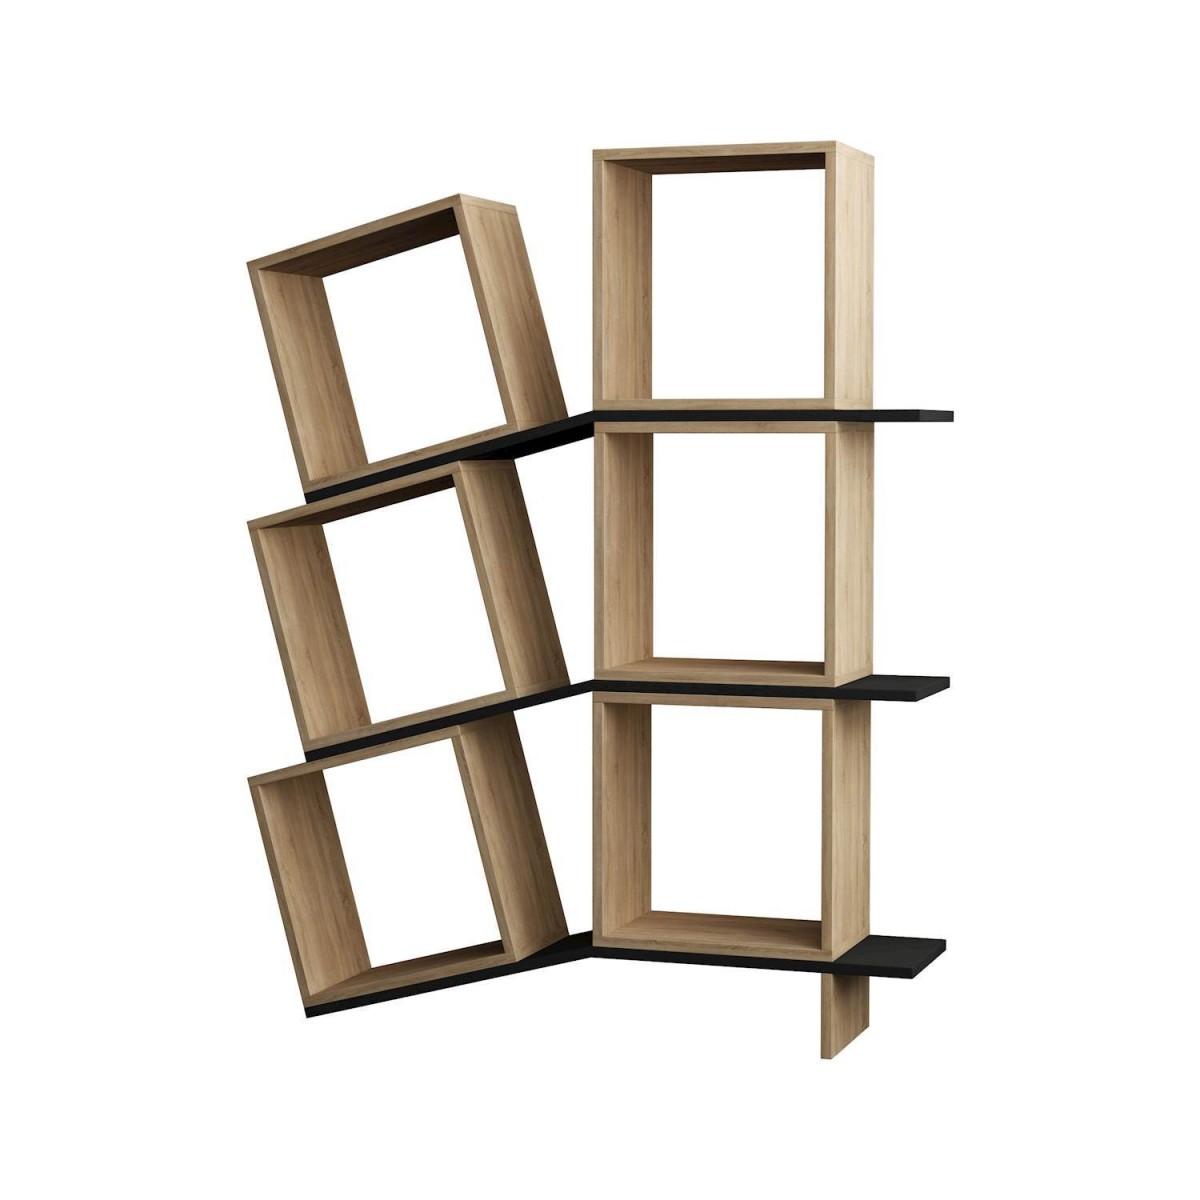 Sloping libreria da parete cubi e mensole in legno bianco for Mensole legno bianco